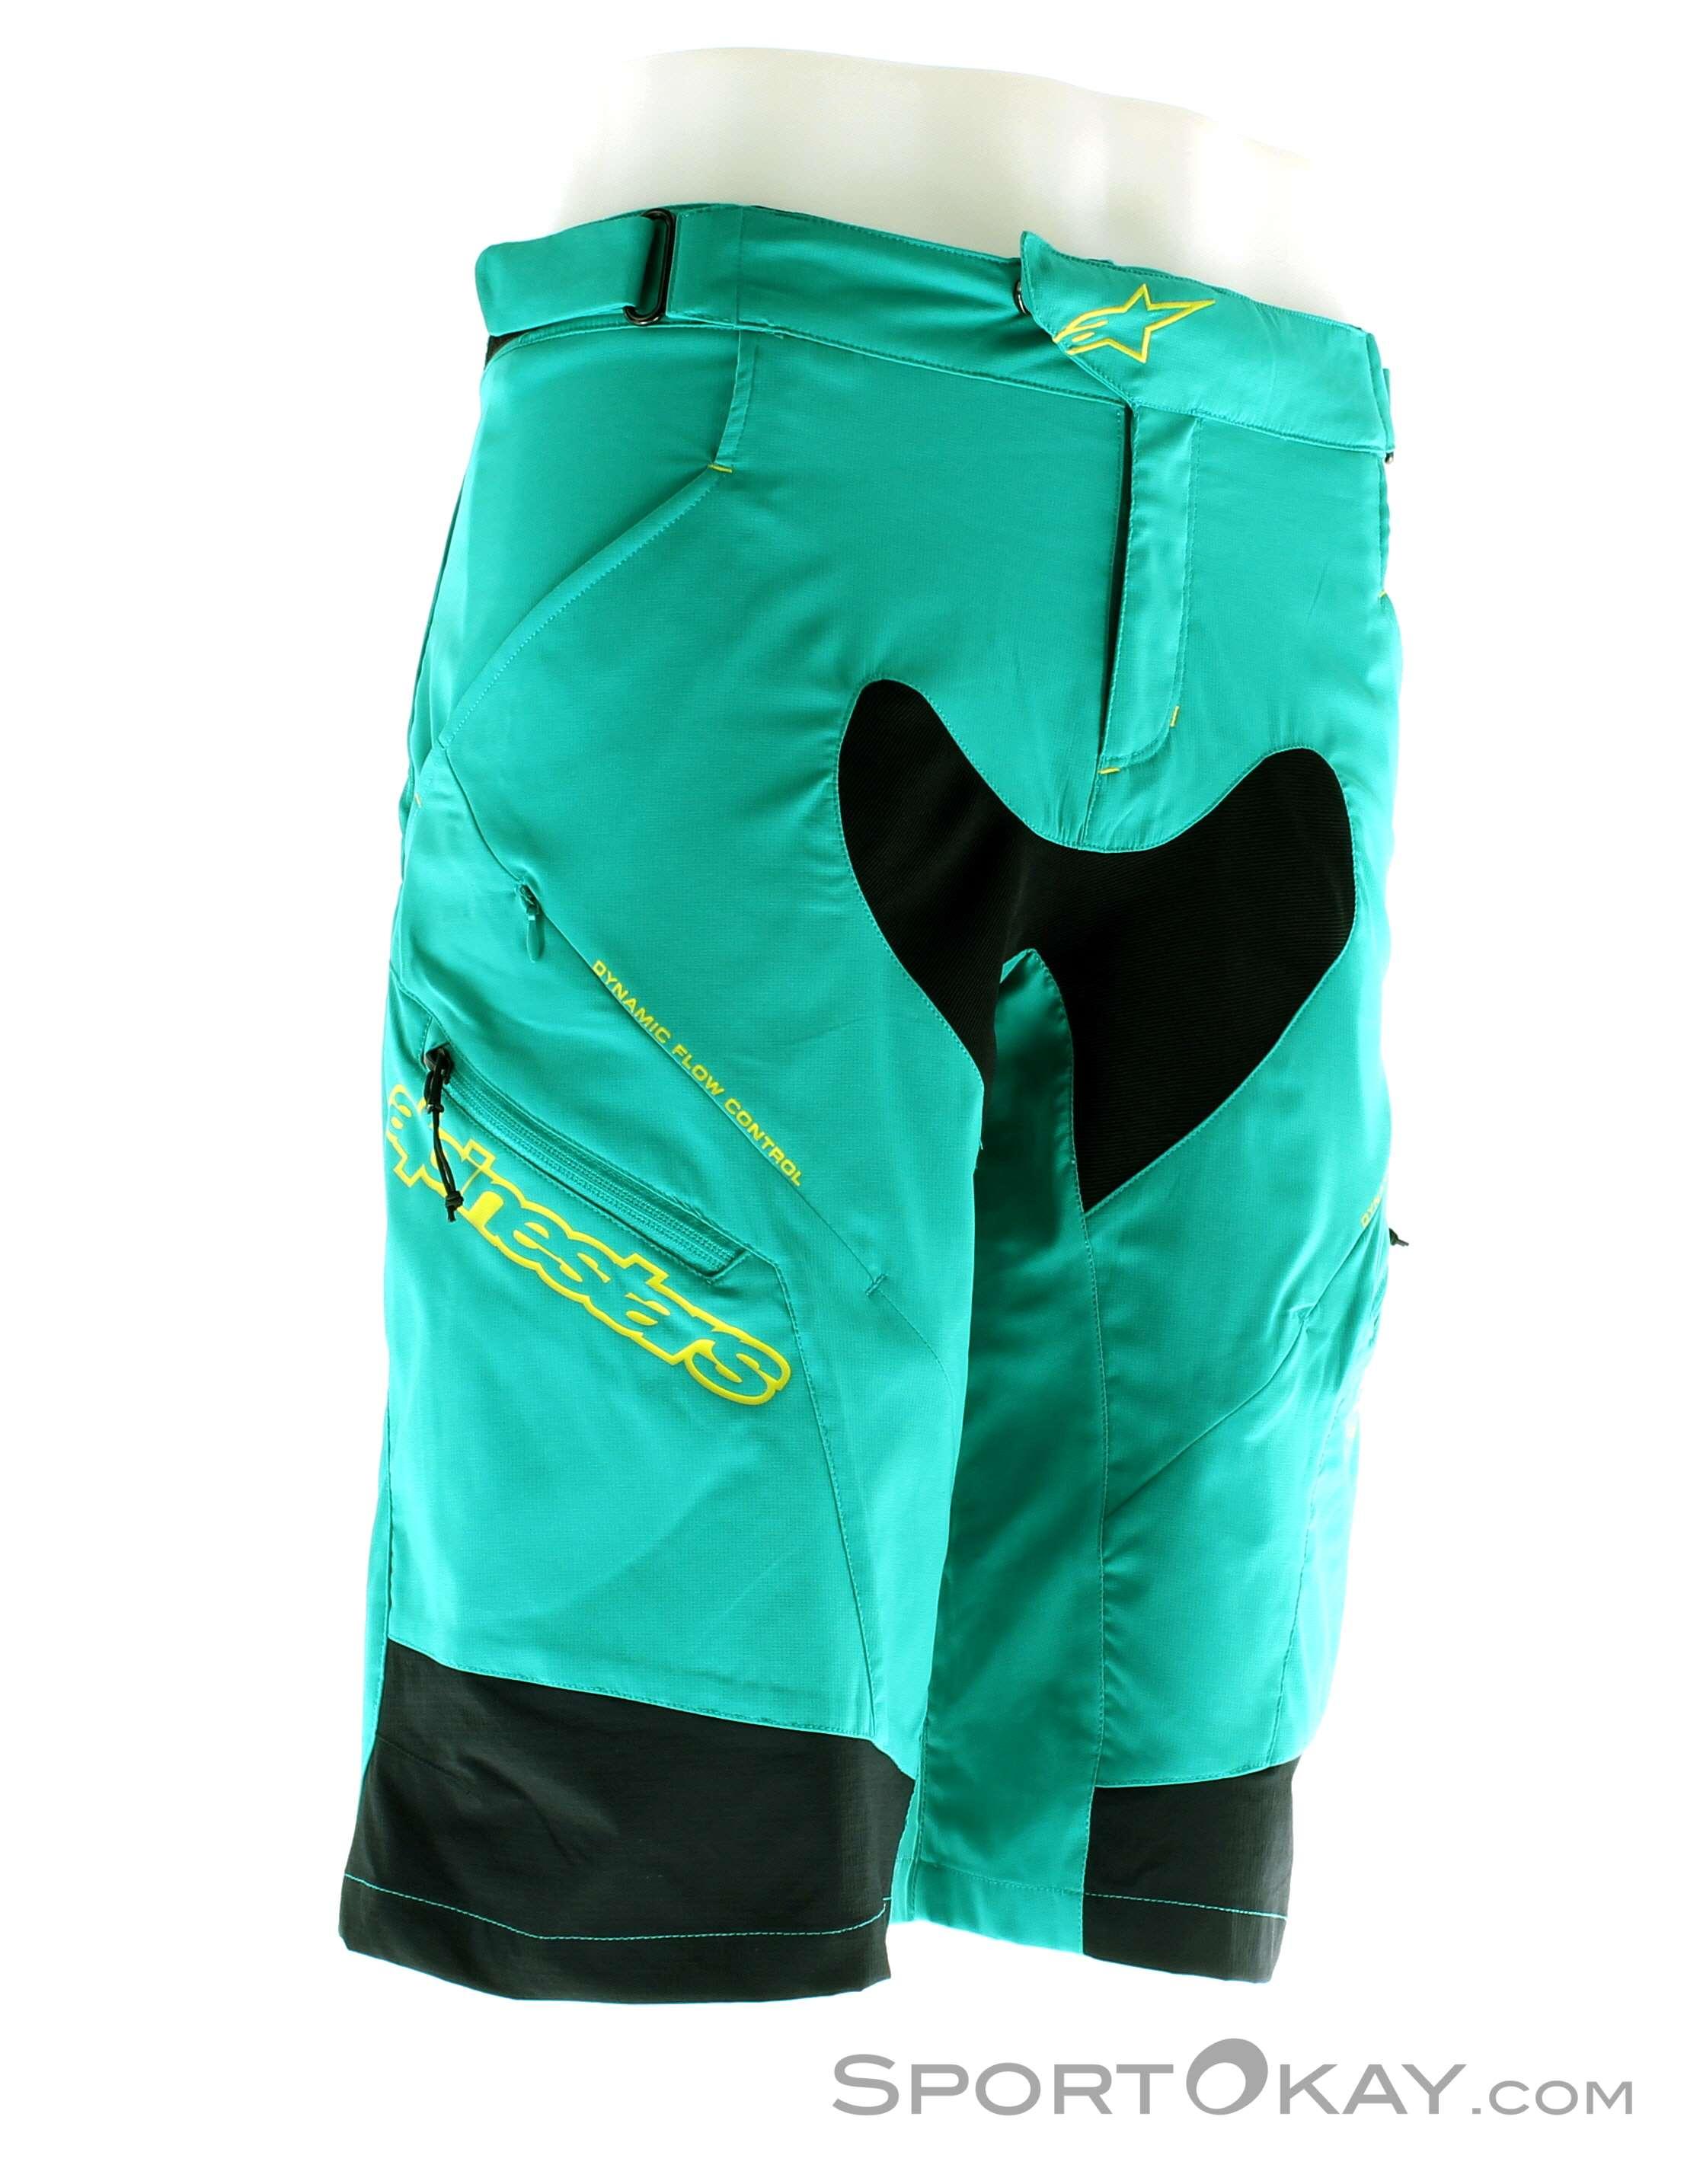 2 Alpinestars Iwihxt Da Drop Pantaloncini Short Bici Pantaloni E Ygf7b6y